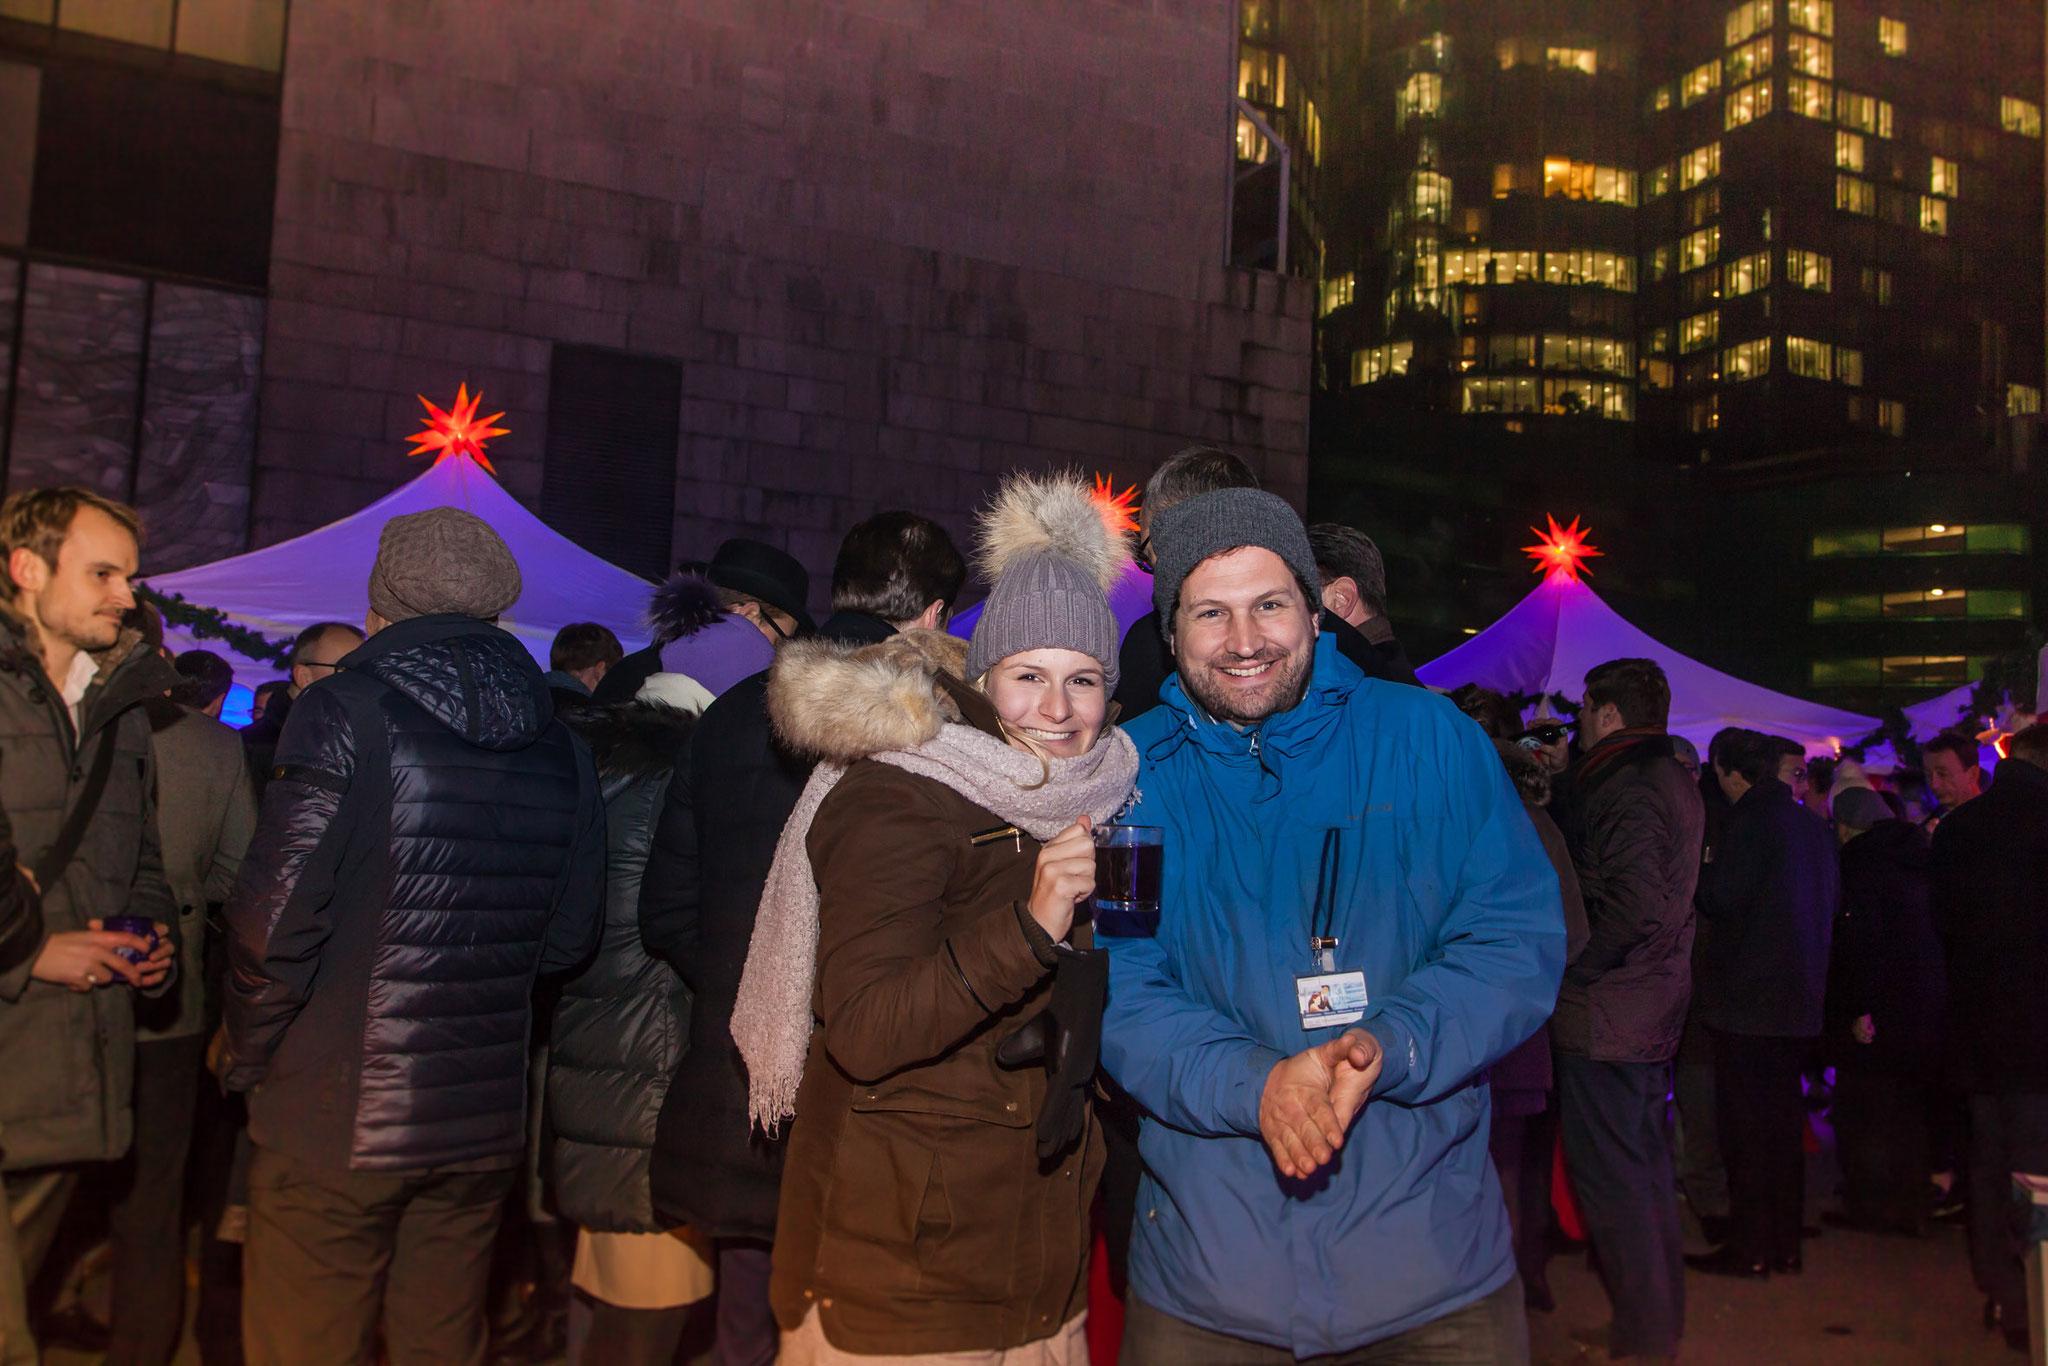 """<h2>""""Danke für das Weihnachtsfeeling, dass Sie unseren Gästen und uns vermittelt haben und vor allem Danke für die schöne Dekoration und unser kleines Winter-Wonderland mitten in Frankfurt.""""</h2> Kunde vom mobilen Weihnachtsmarkt Konzept - Deutsche Bank"""